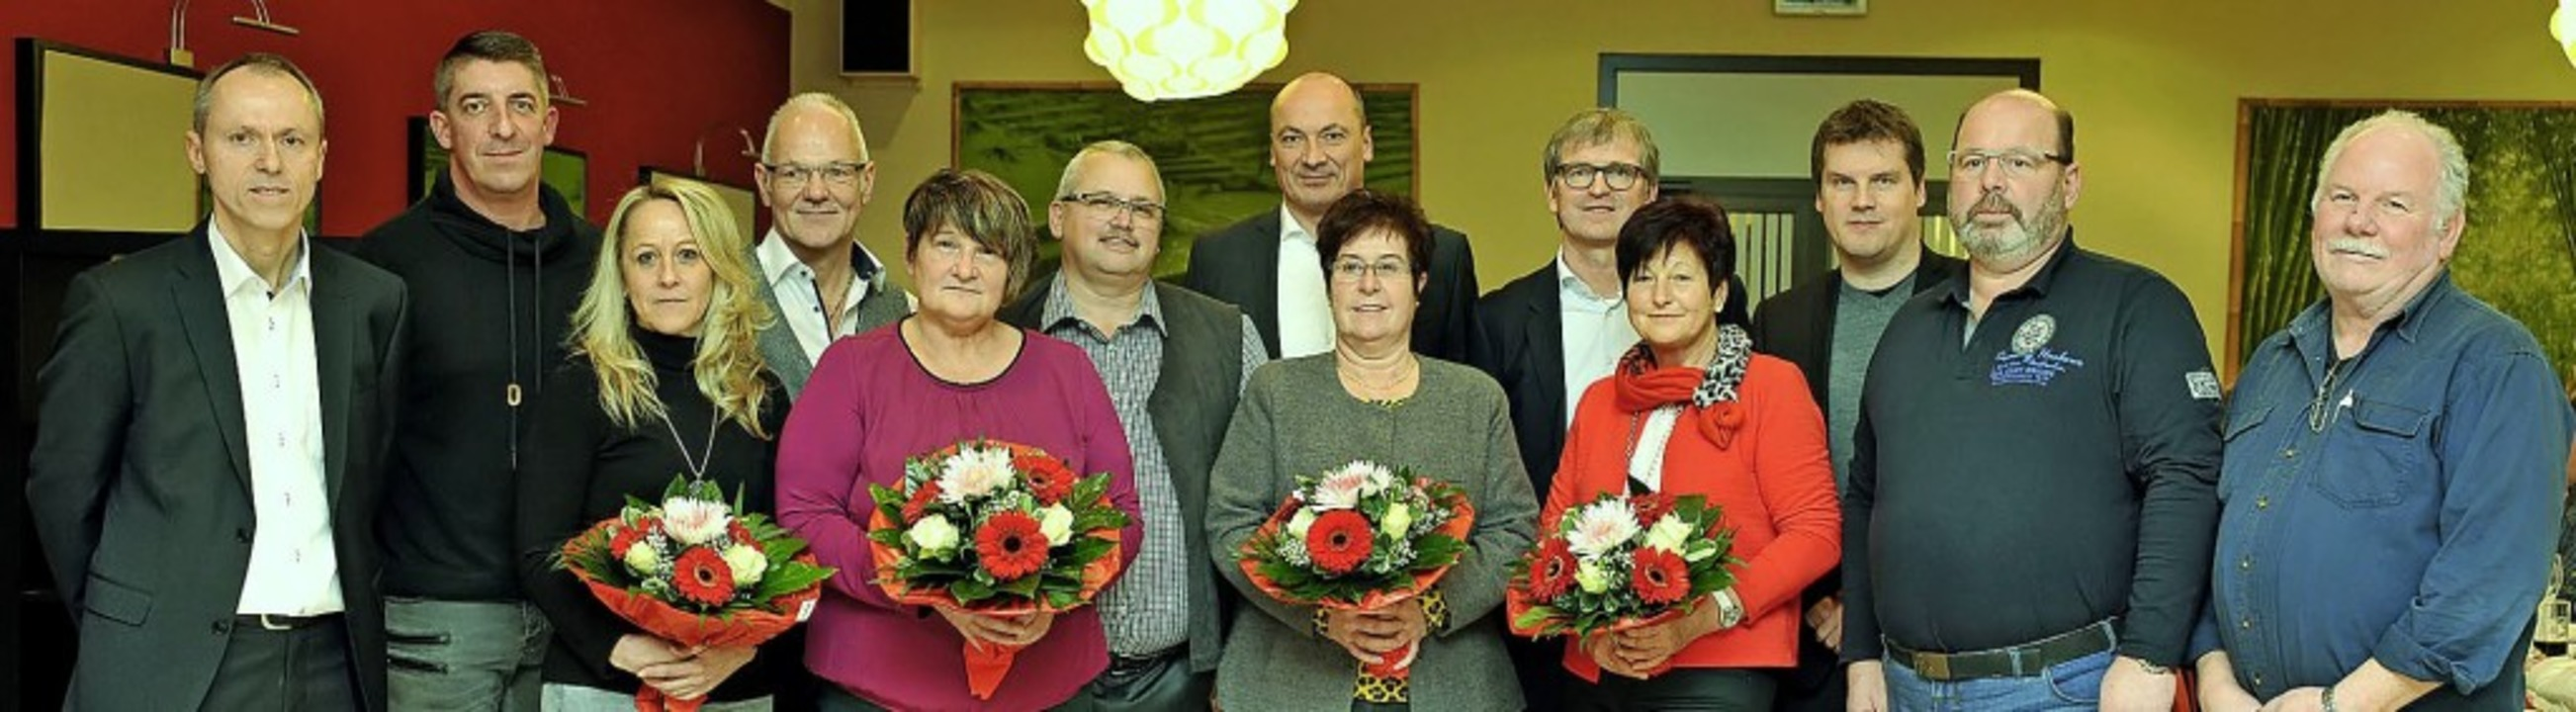 Seit vielen Jahren arbeiten zwölf Frau... Männer bei der Lahrer Firma Zehnder.   | Foto: Endrik Baublies/Firma